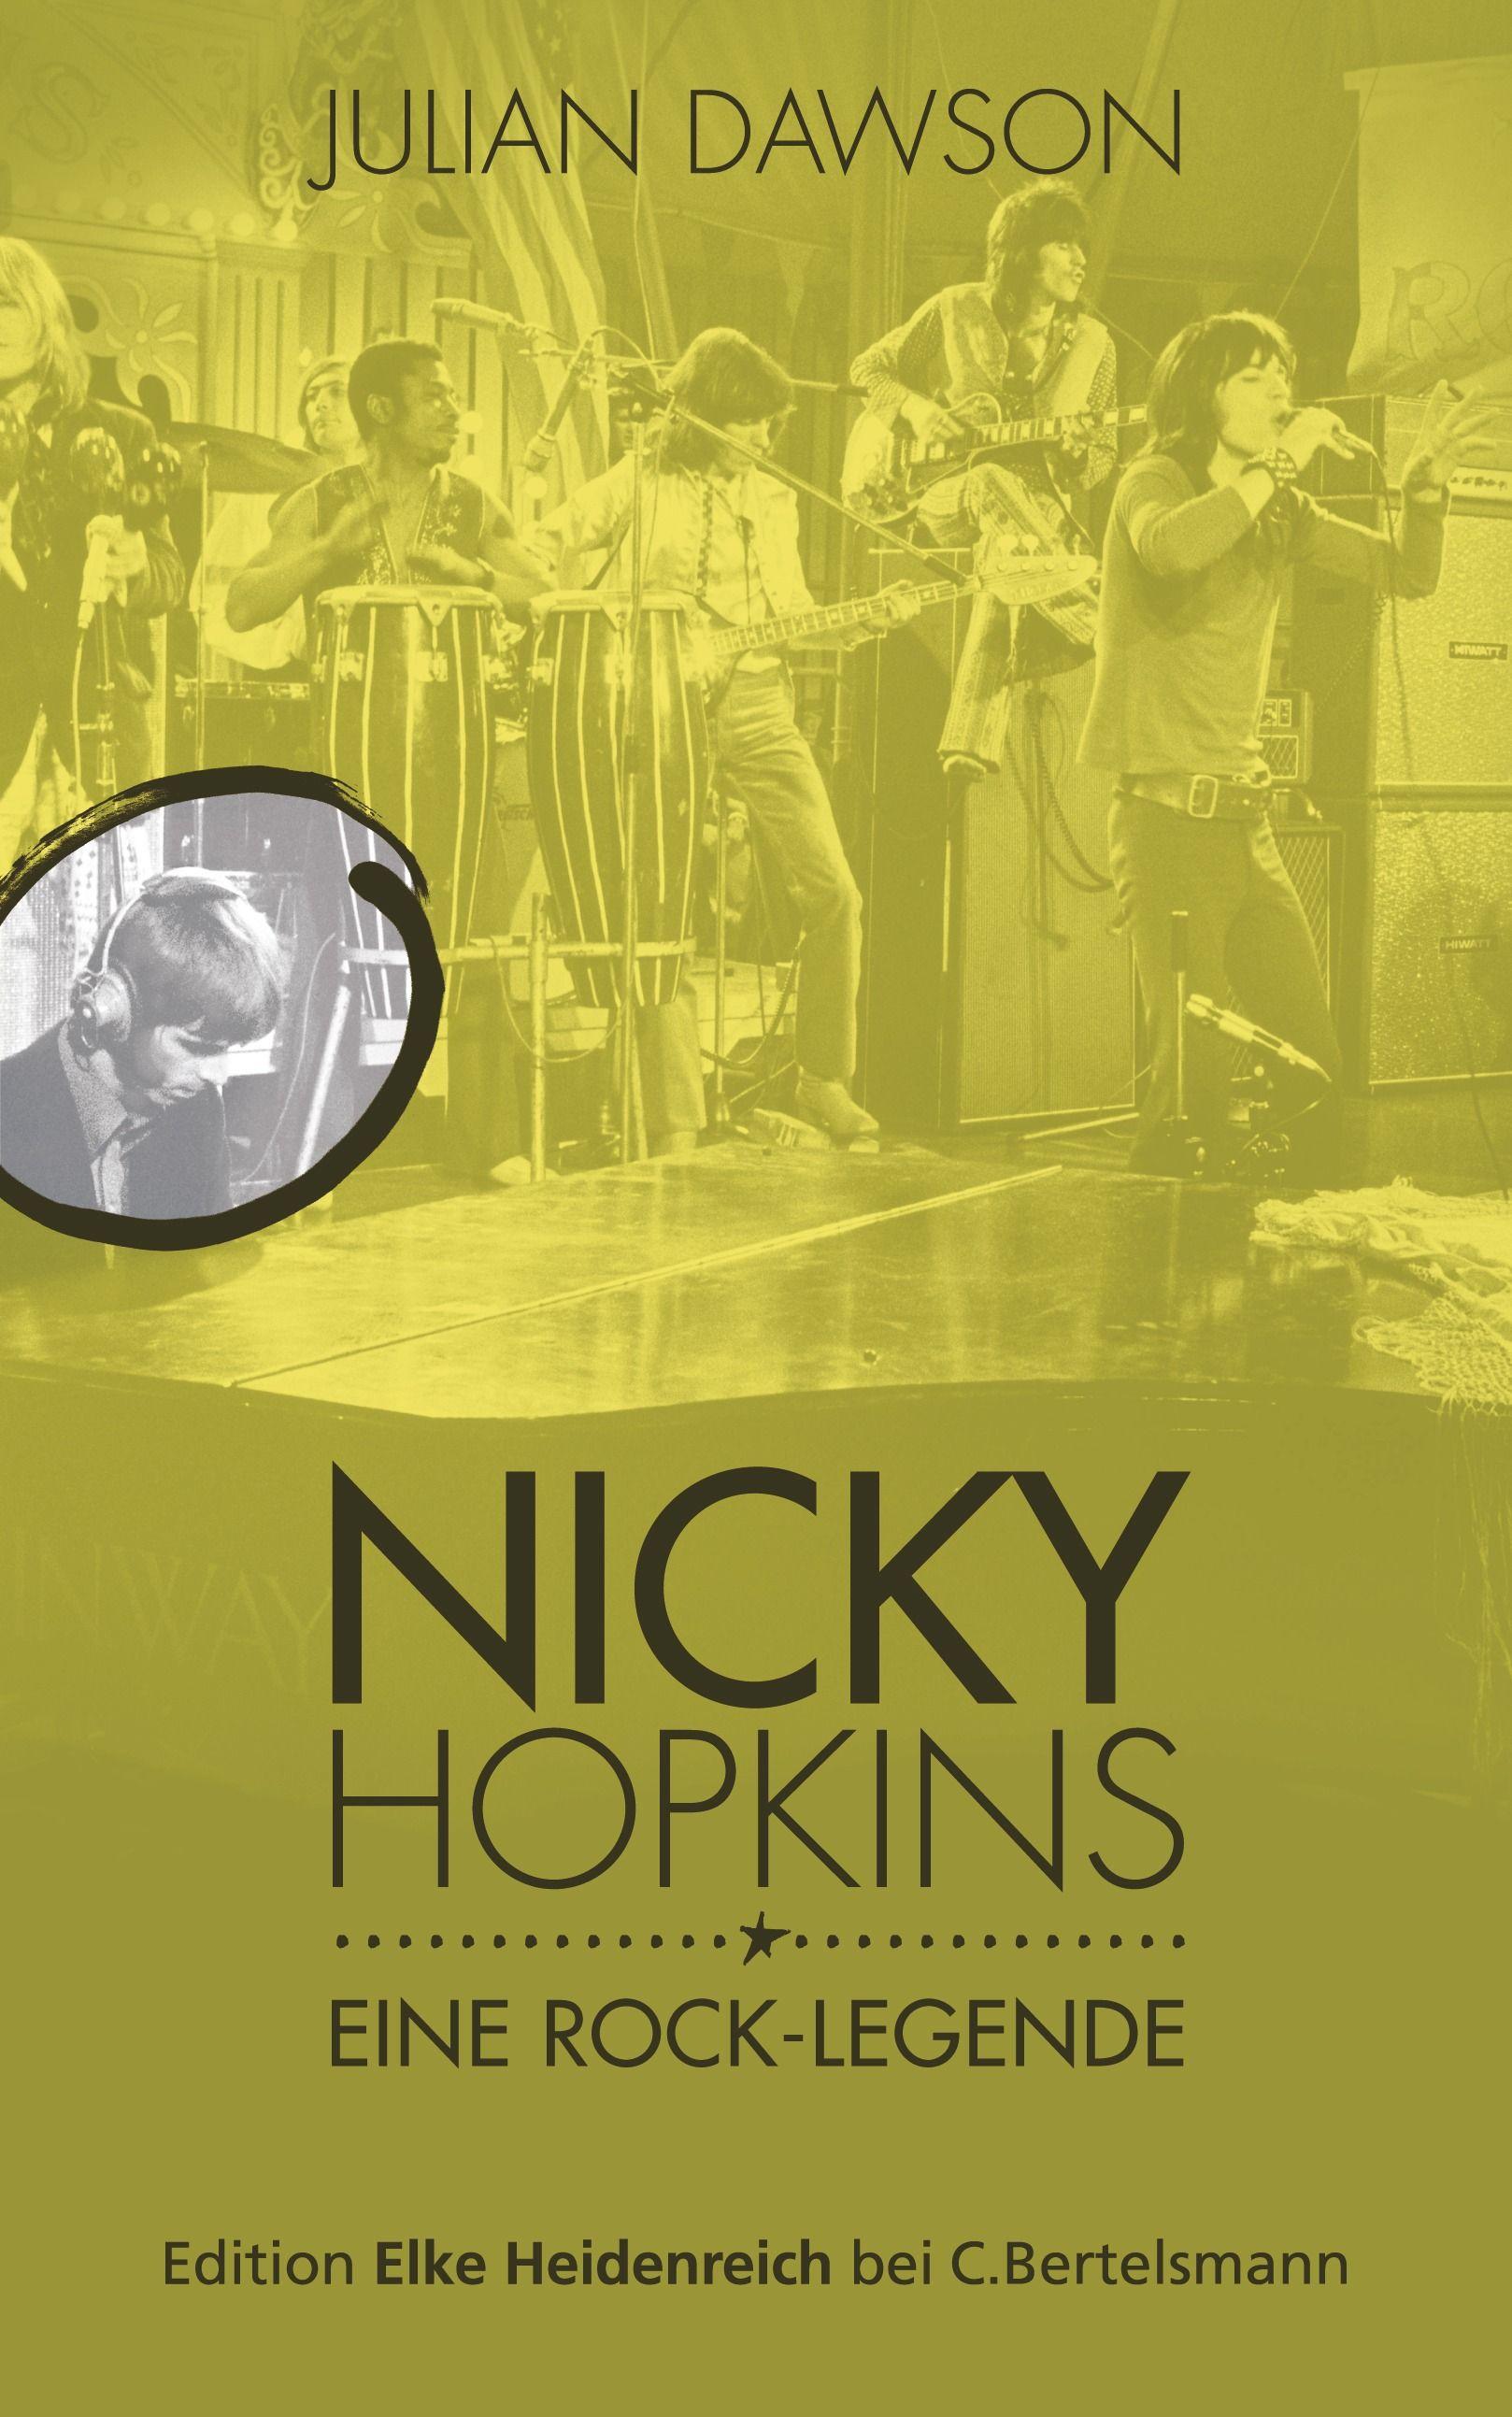 """""""Der """"Sideman"""""""": Eine Buchempfehlung von Eva Hepper zum Buch """"Nicky Hopkins"""" von Julian Dawson von C. Bertelsmann!"""